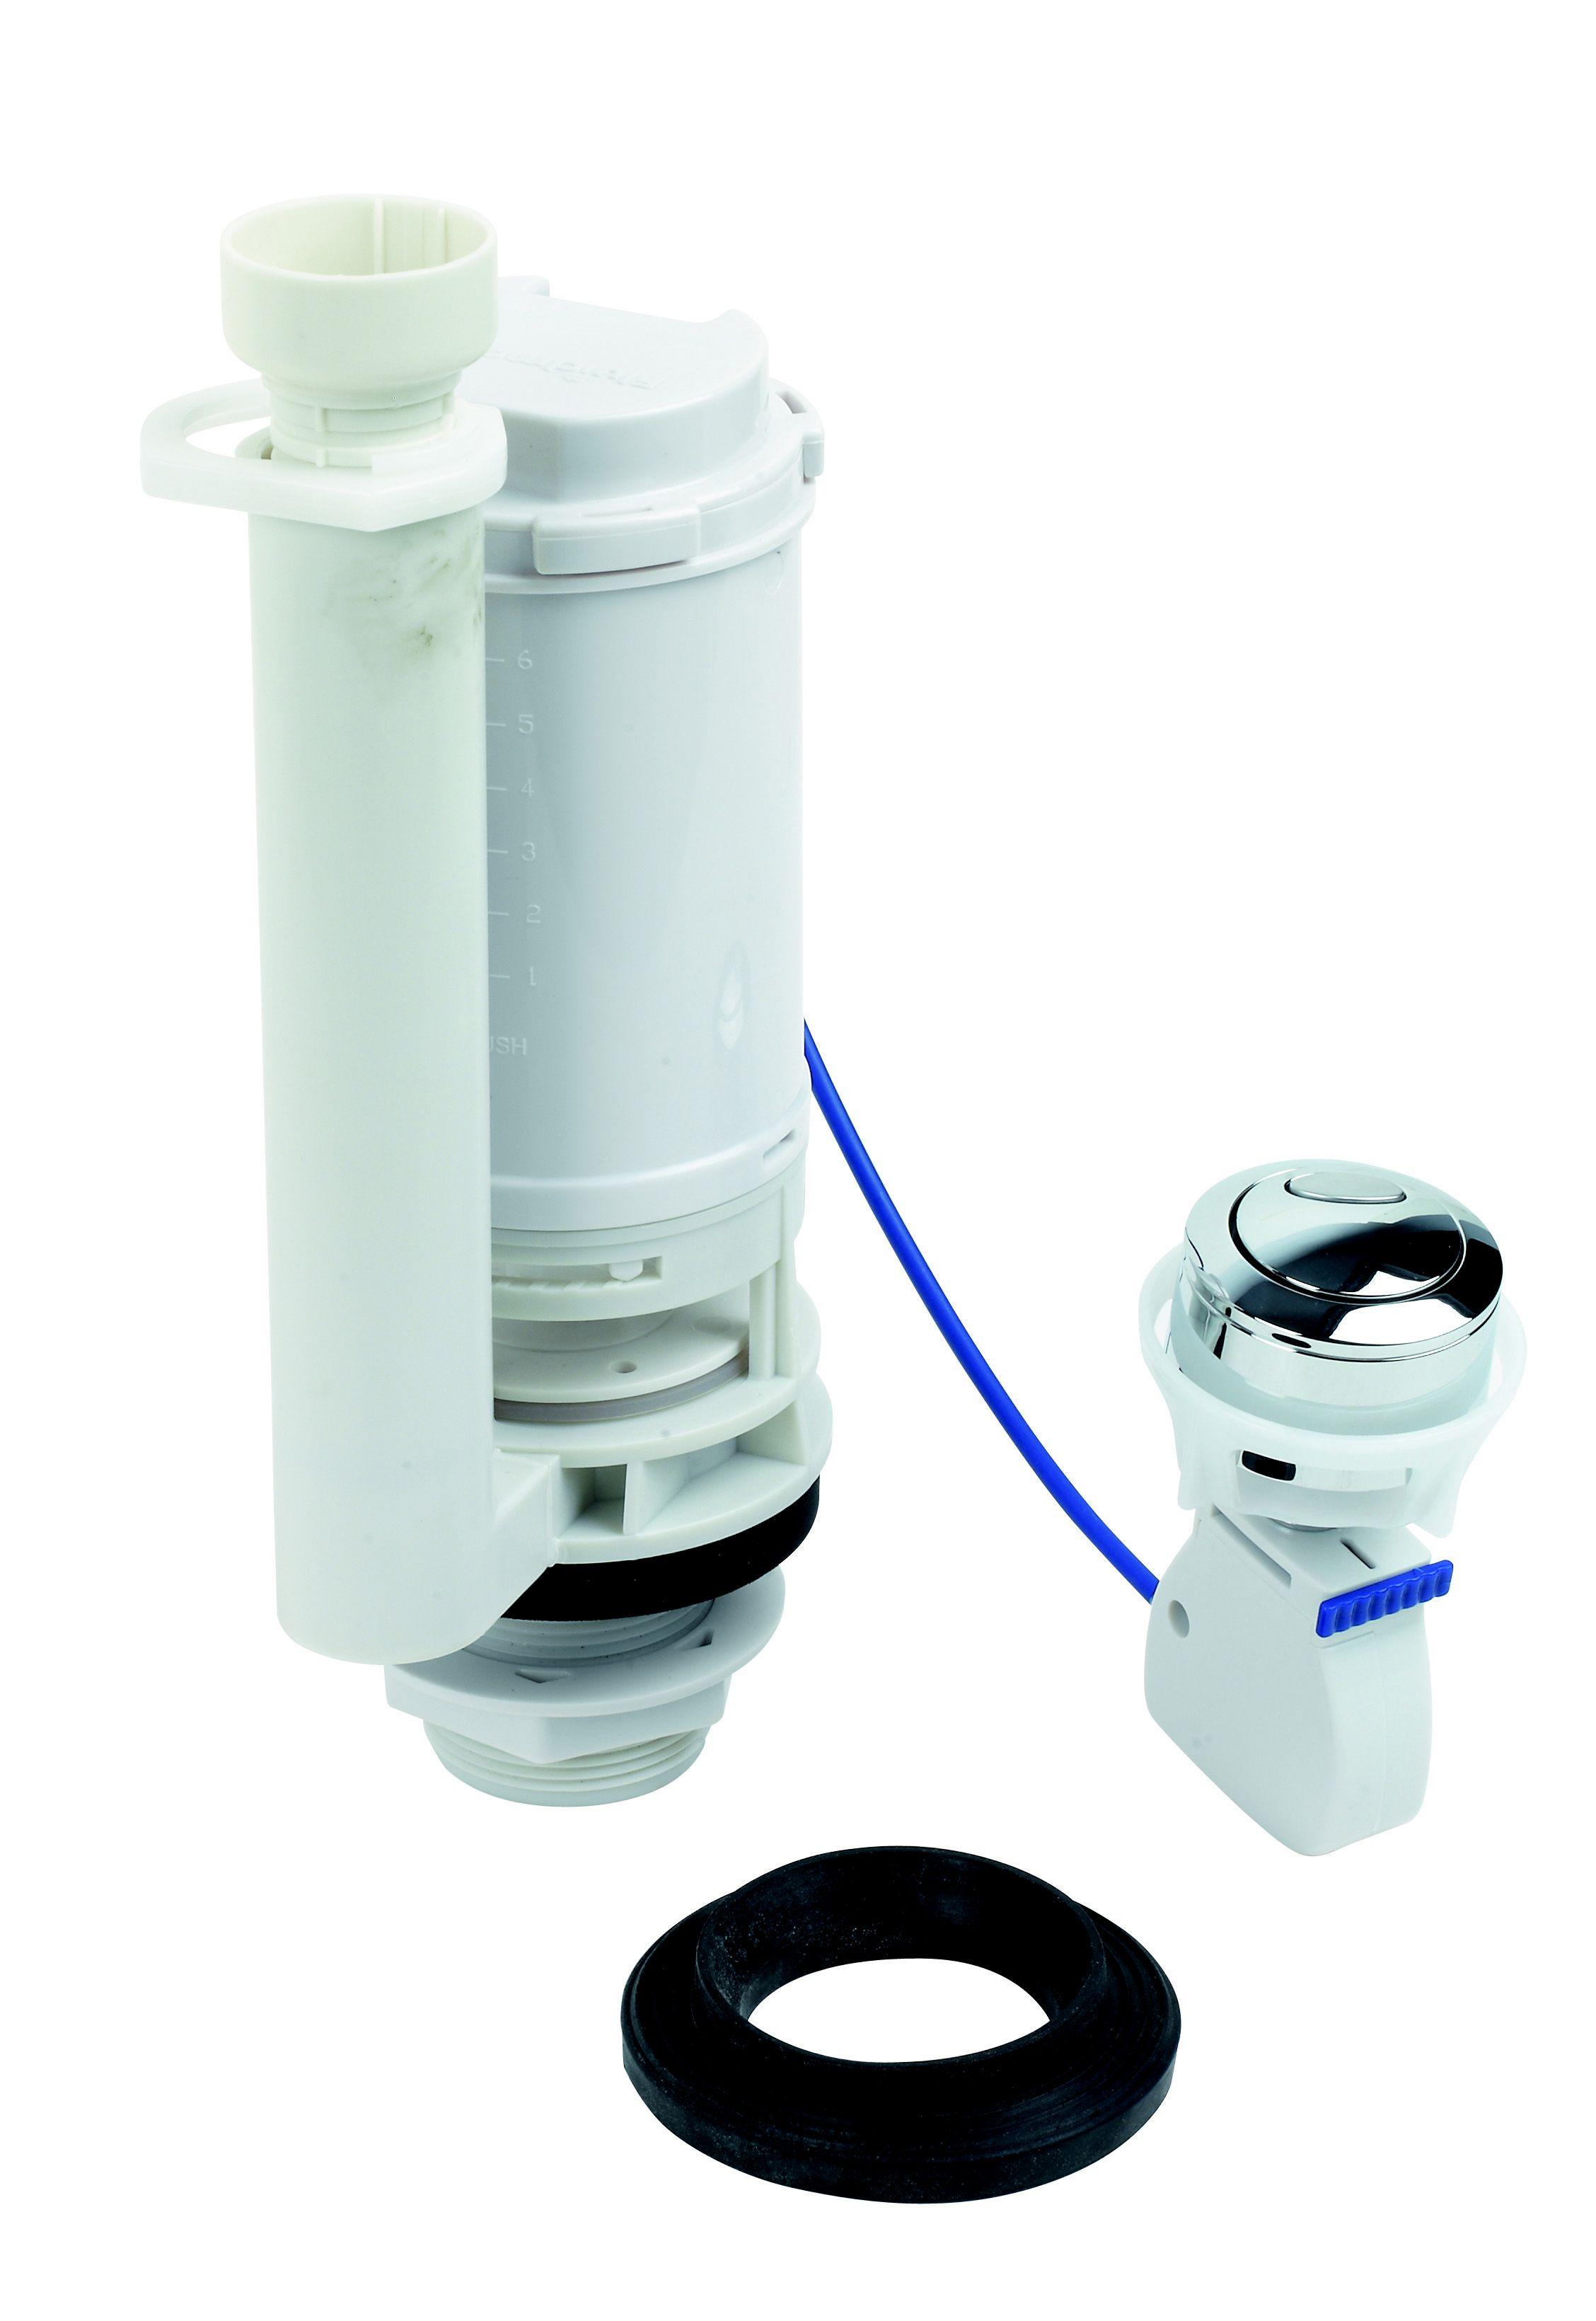 push button toilet cistern parts. Fluidmaster Dual Flush Push Button Cable Valve  Departments DIY at B Q